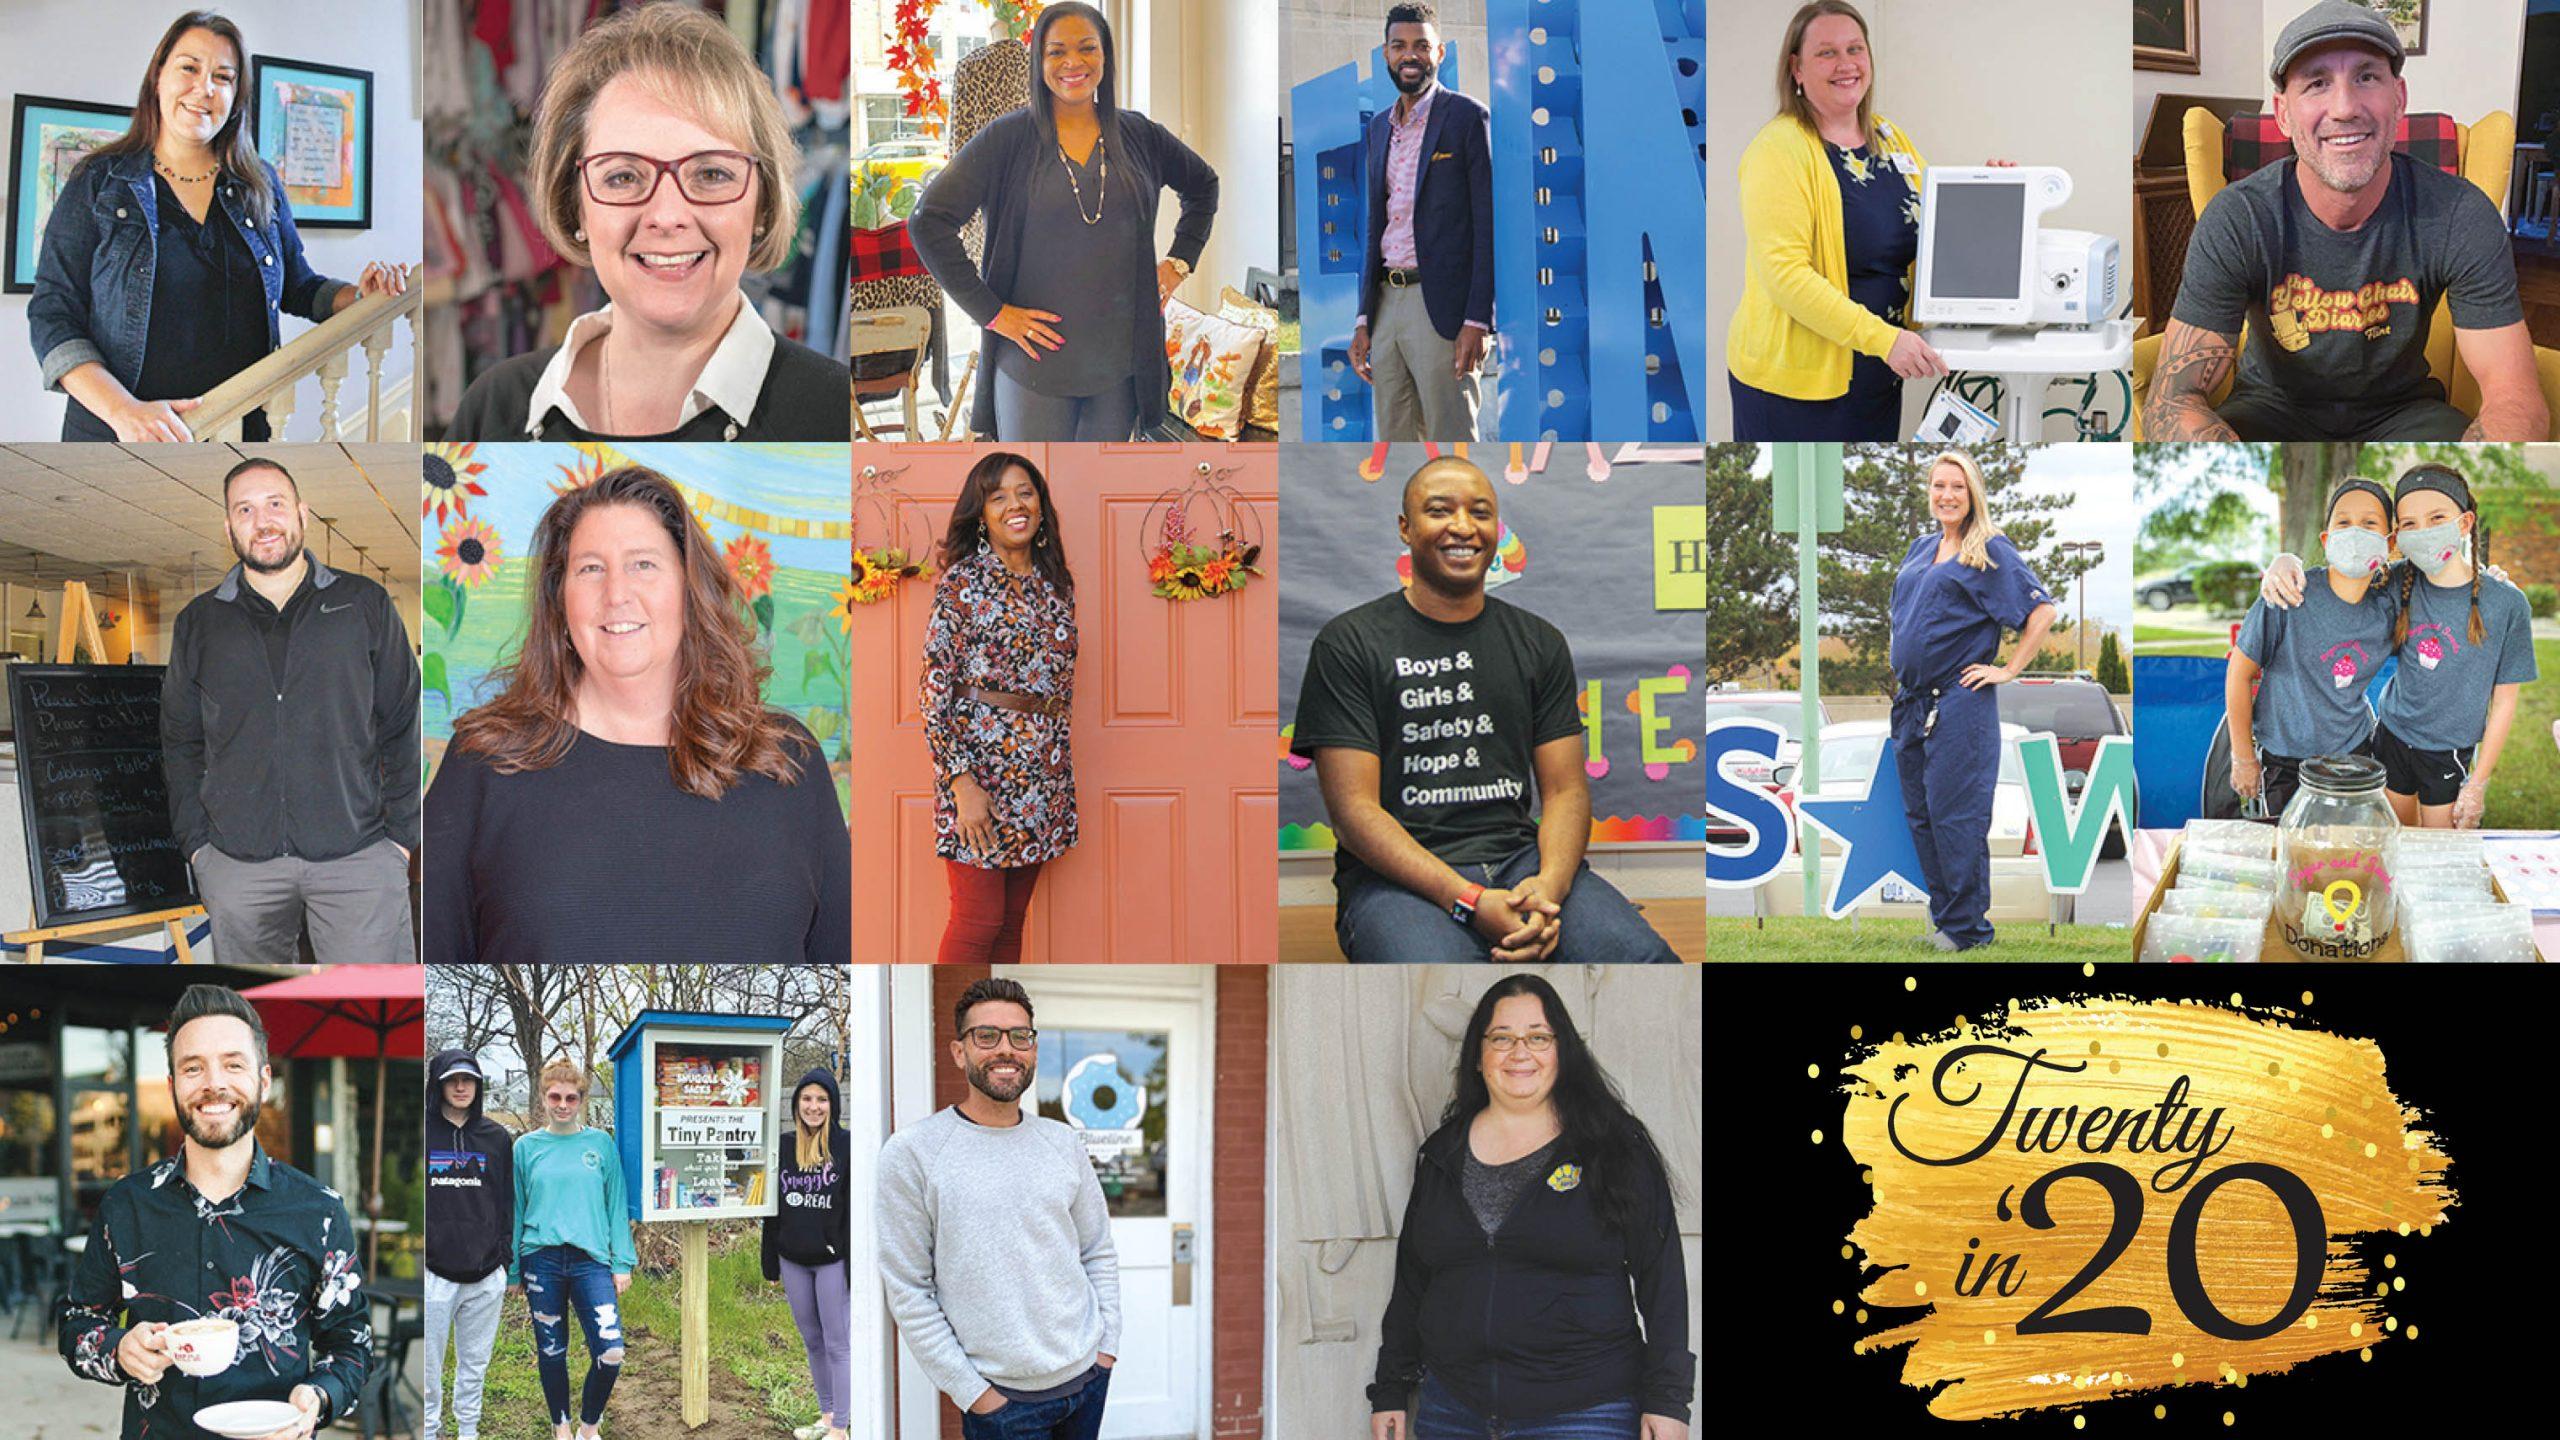 Twenty in '20 honorees